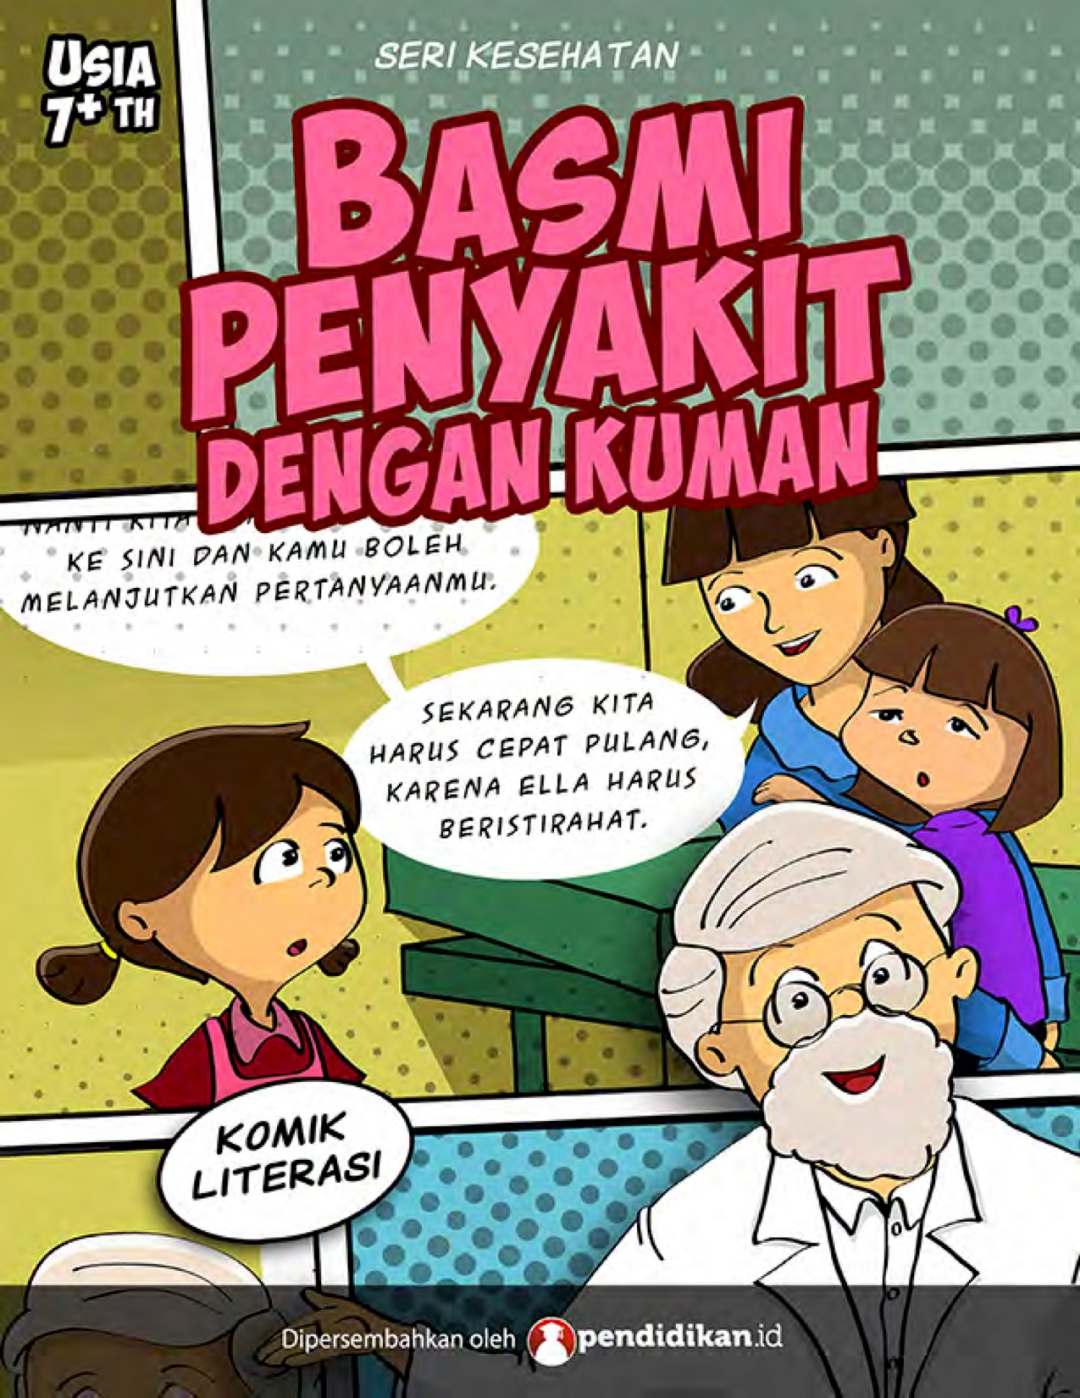 Komik Edukasi: Ingatkan Pentingnya Vaksin Pada Anak-anak dan Orang Tua – Kumpulan Artikel Dan Berita Pendidikan Indonesia Berbasis Tehnologi Digital